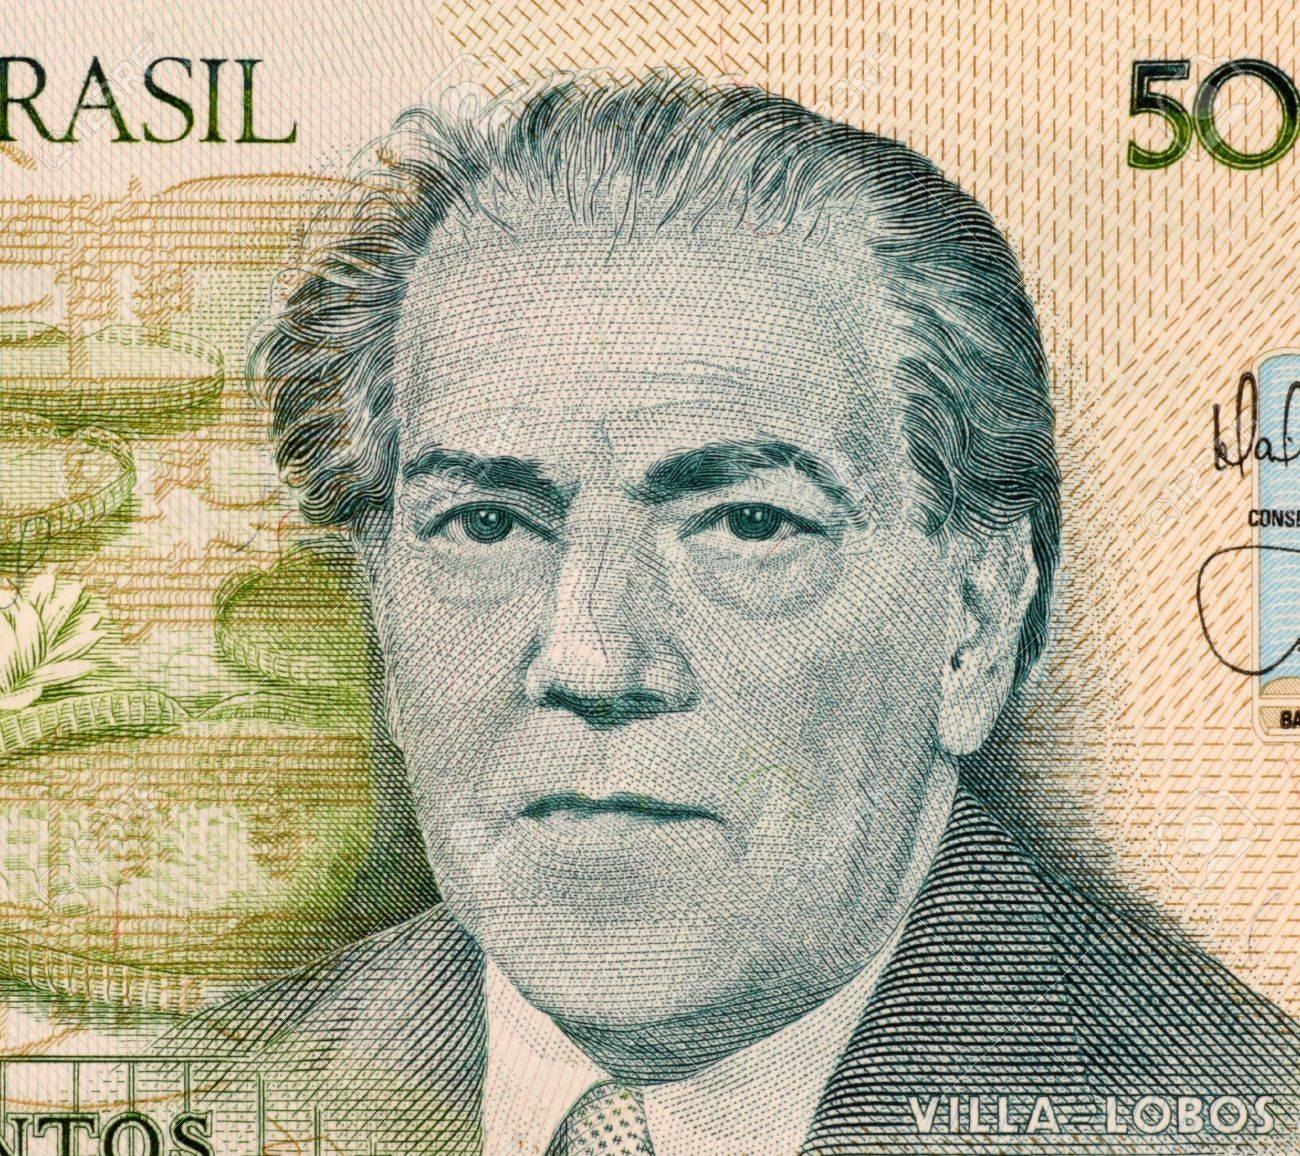 ブラジルからの 500 Cruzados 1987 紙幣のビラ = ロボス。20 世紀ブラジルの芸術音楽の単一の最も重要な創造的な図としての音楽の作曲家と呼ばれる。 写真素材 - 5239272